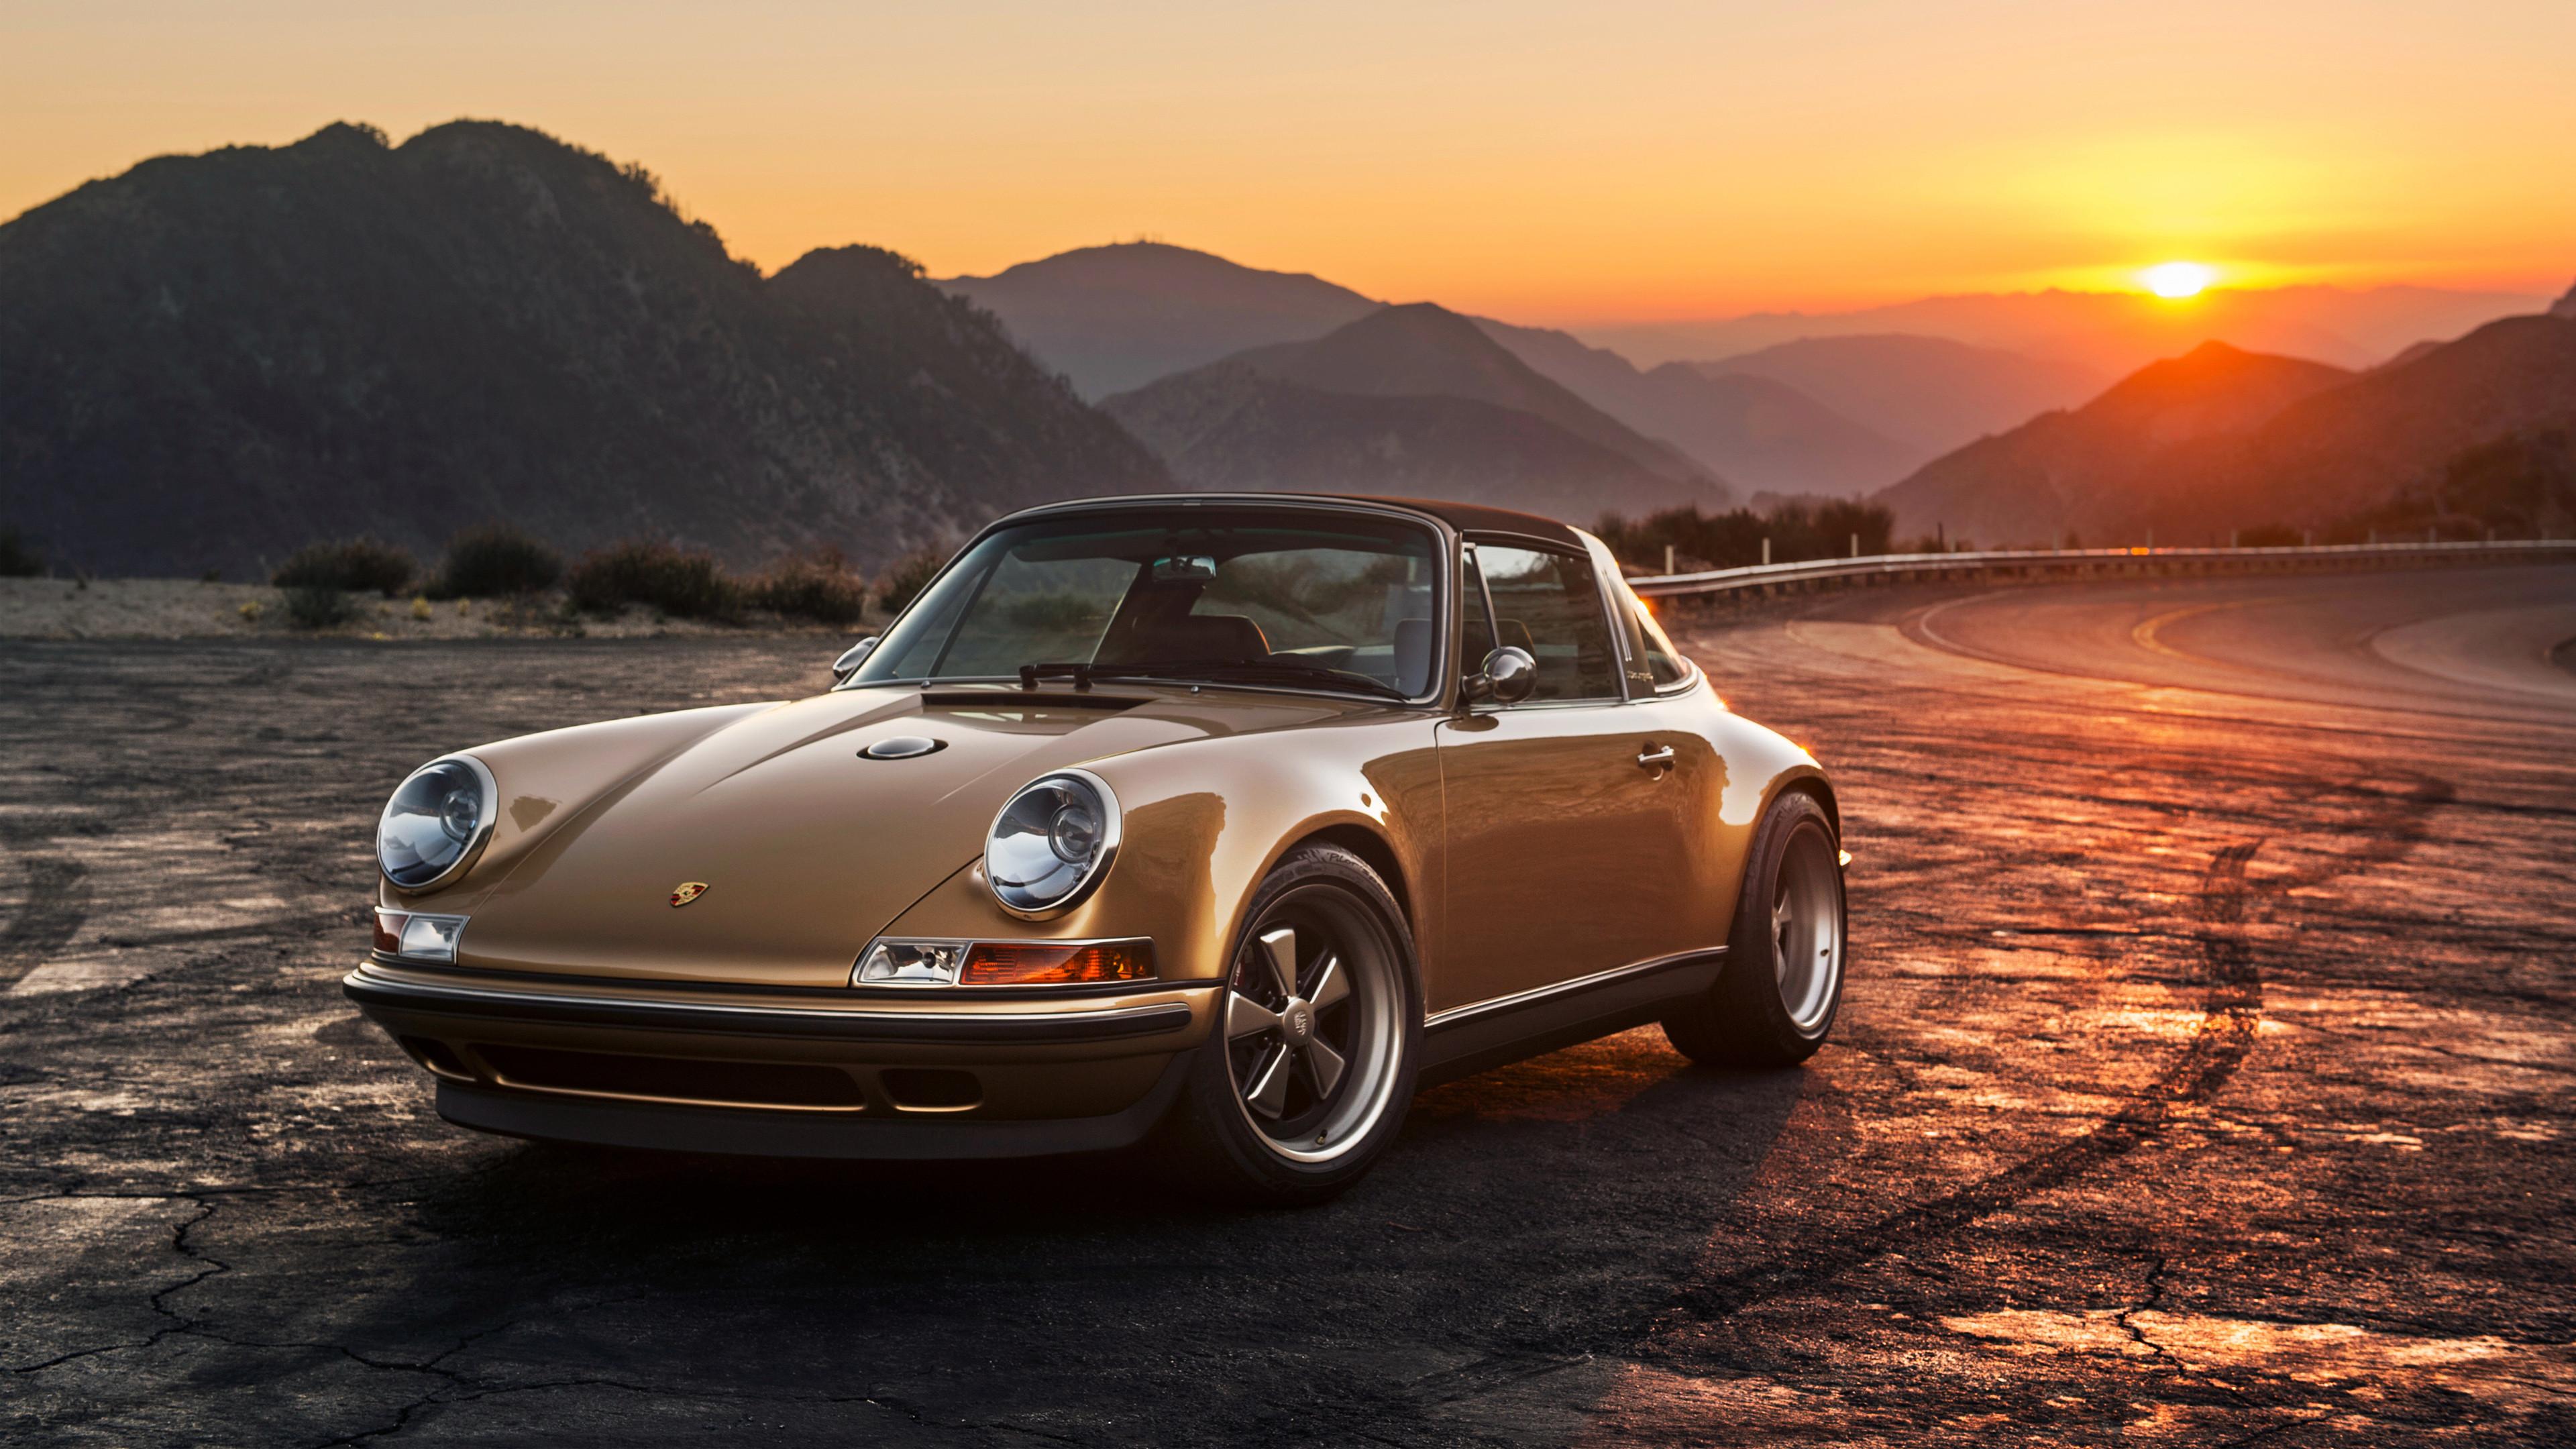 2015 Singer Porsche 911 Targa   Data Src Gorgerous - Porsche 911 Singer - HD Wallpaper